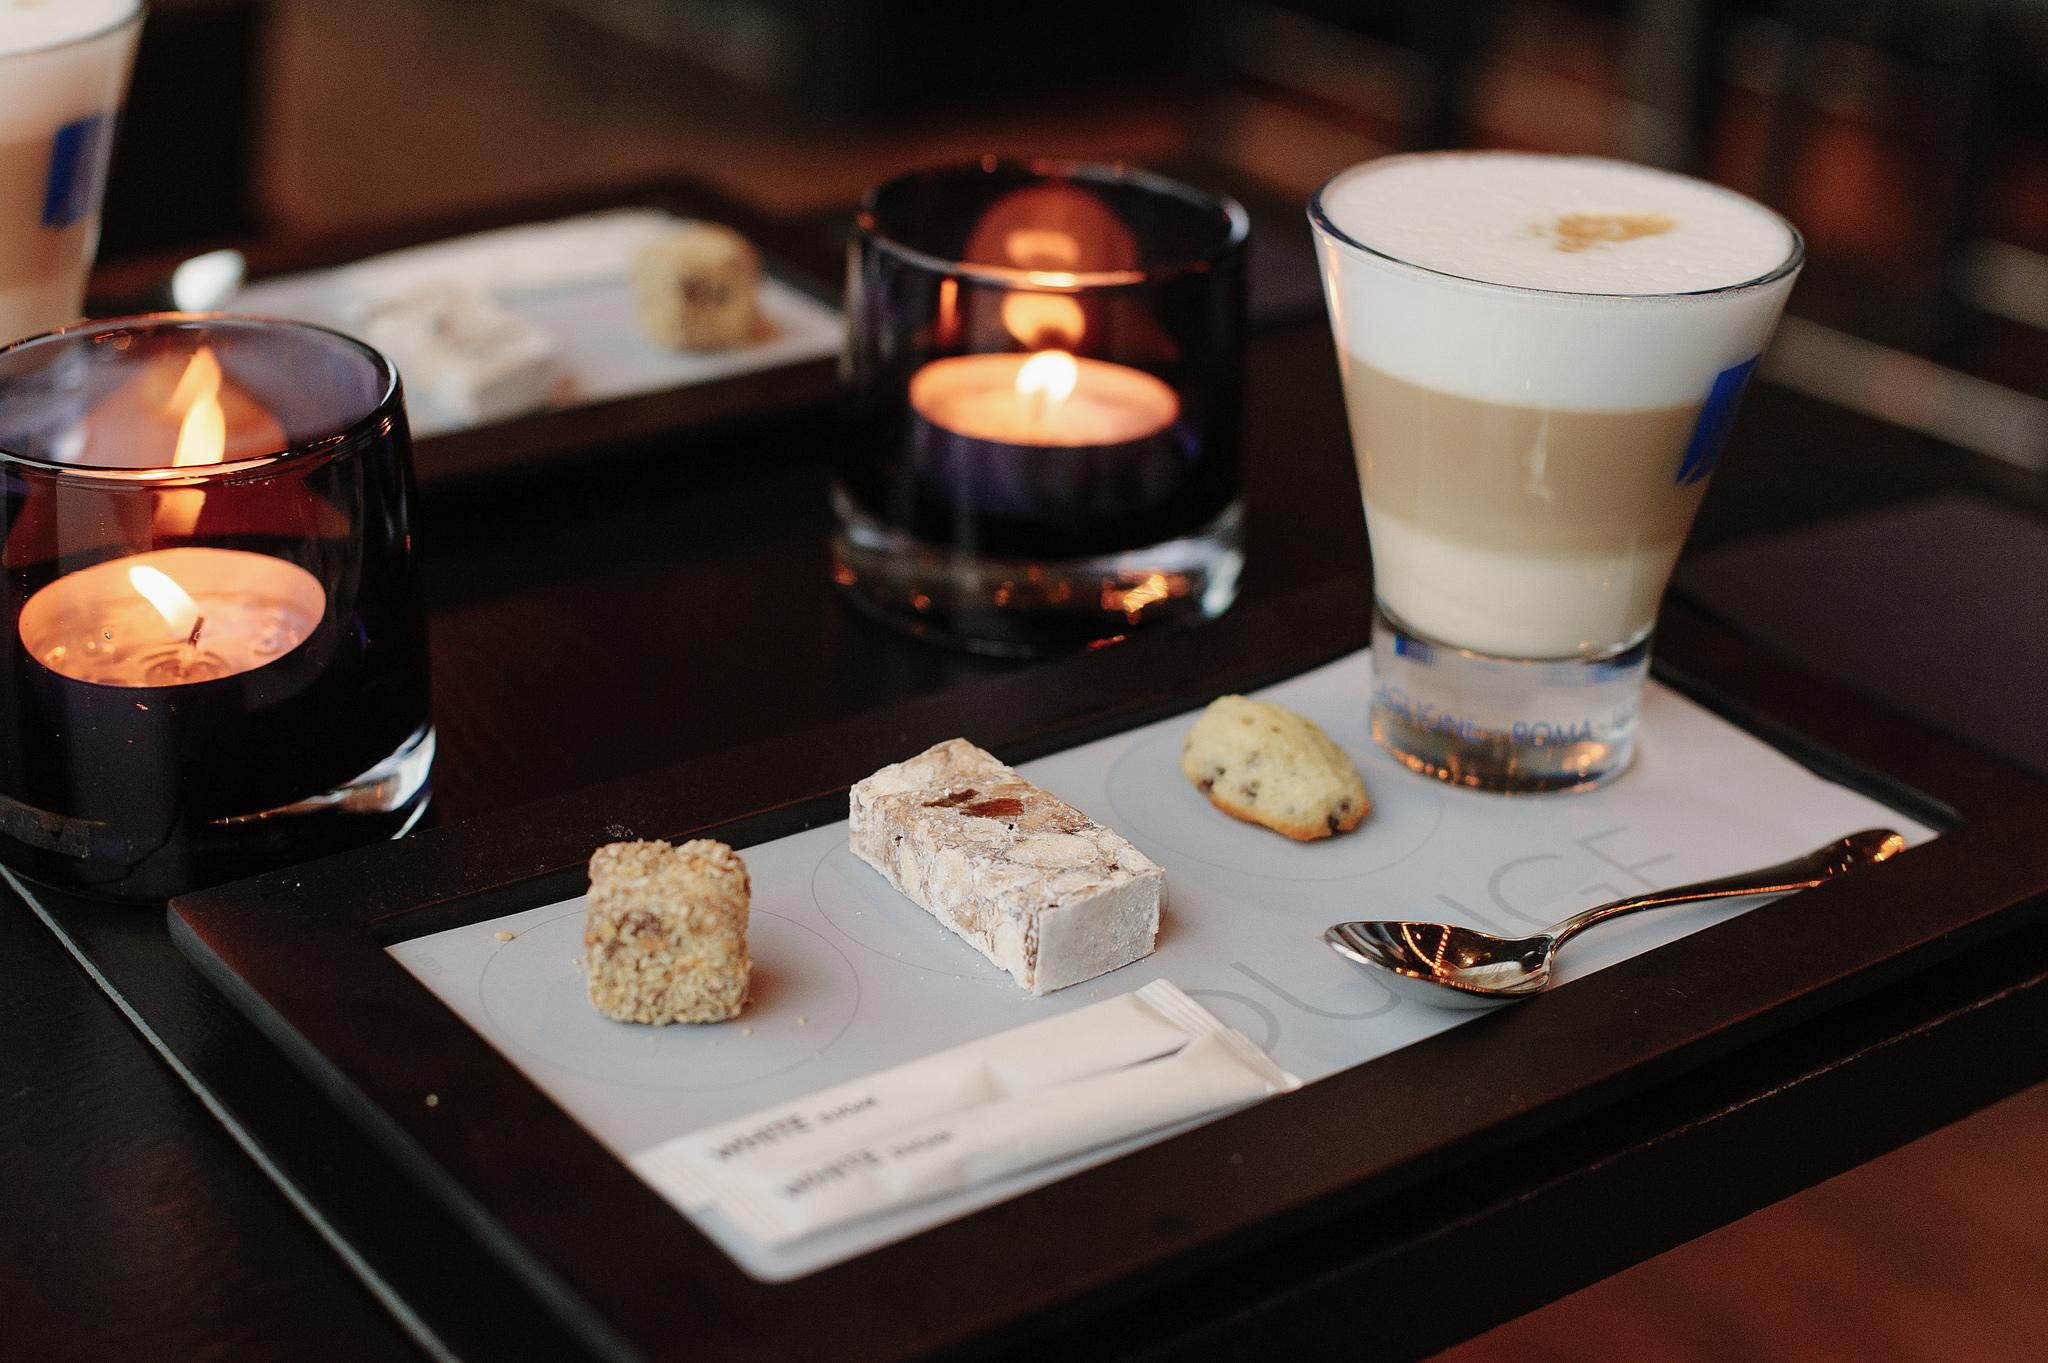 Кофе с видом на город в Амстердаме